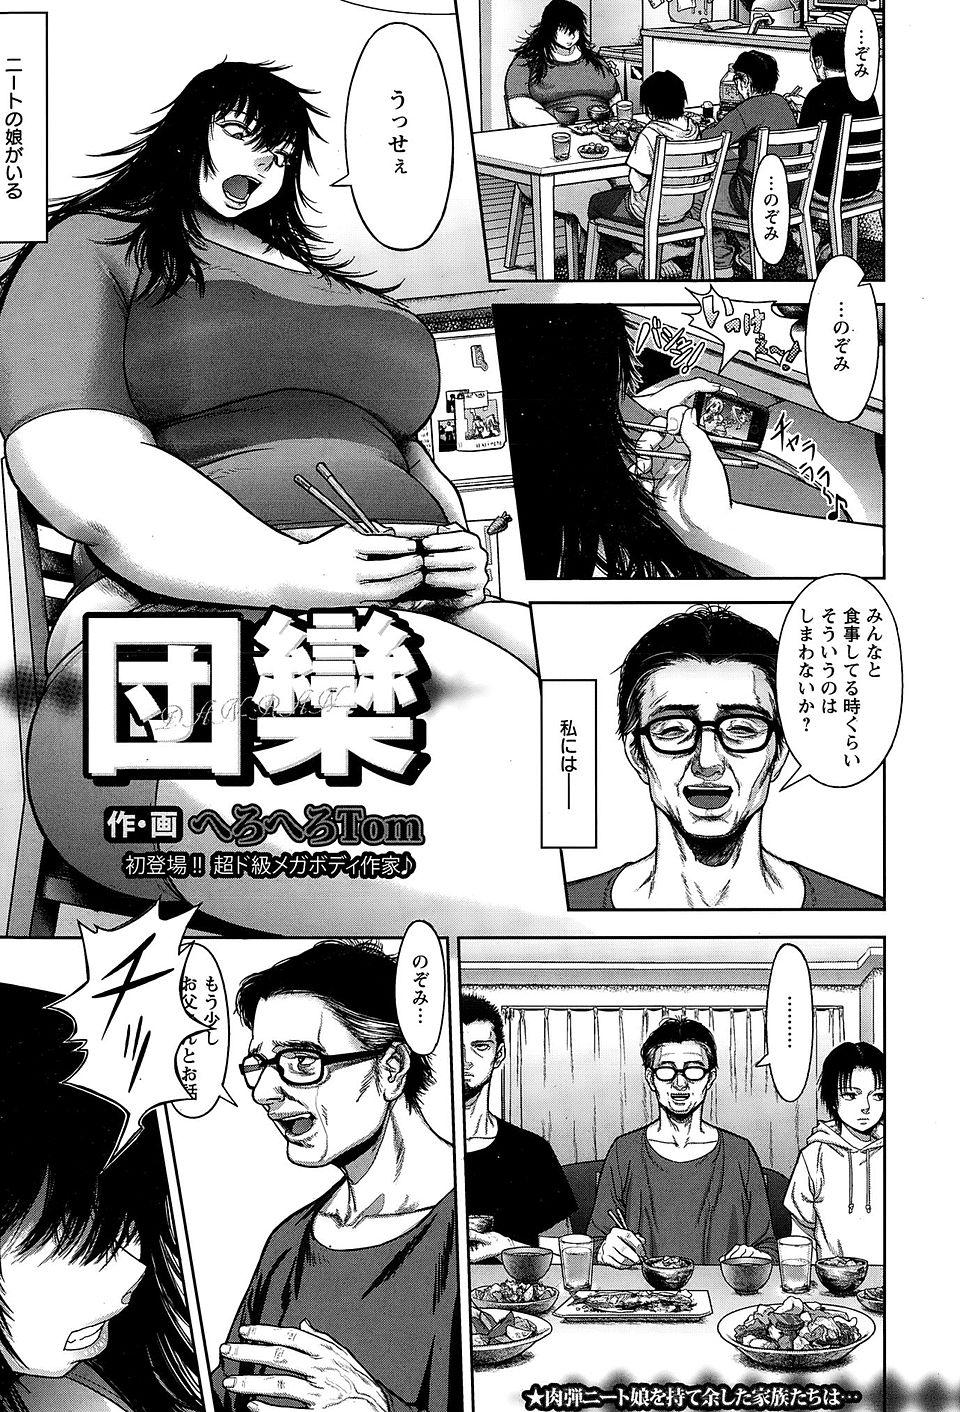 【エロ漫画】ニートの娘が役立たずの上反抗的なので父兄たちがレイプしてせめて肉奴隷として利用することで発散する!